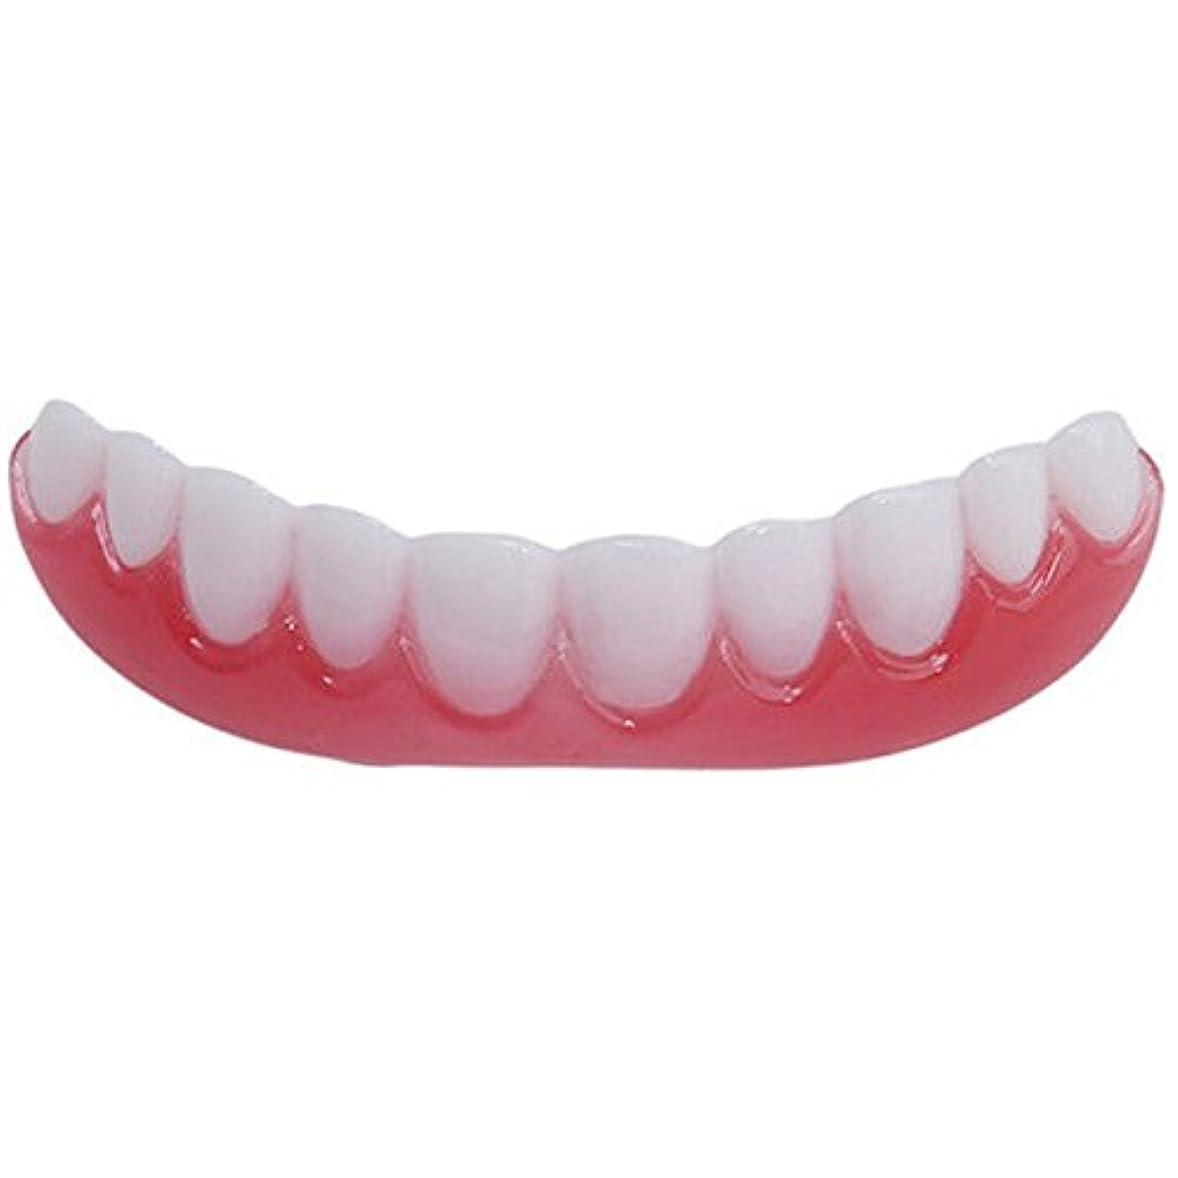 テクニカル技術的なスポットFashionwu 矯正 義歯 シリコン スマイル ベニア シミュレーション フレックス ペースト